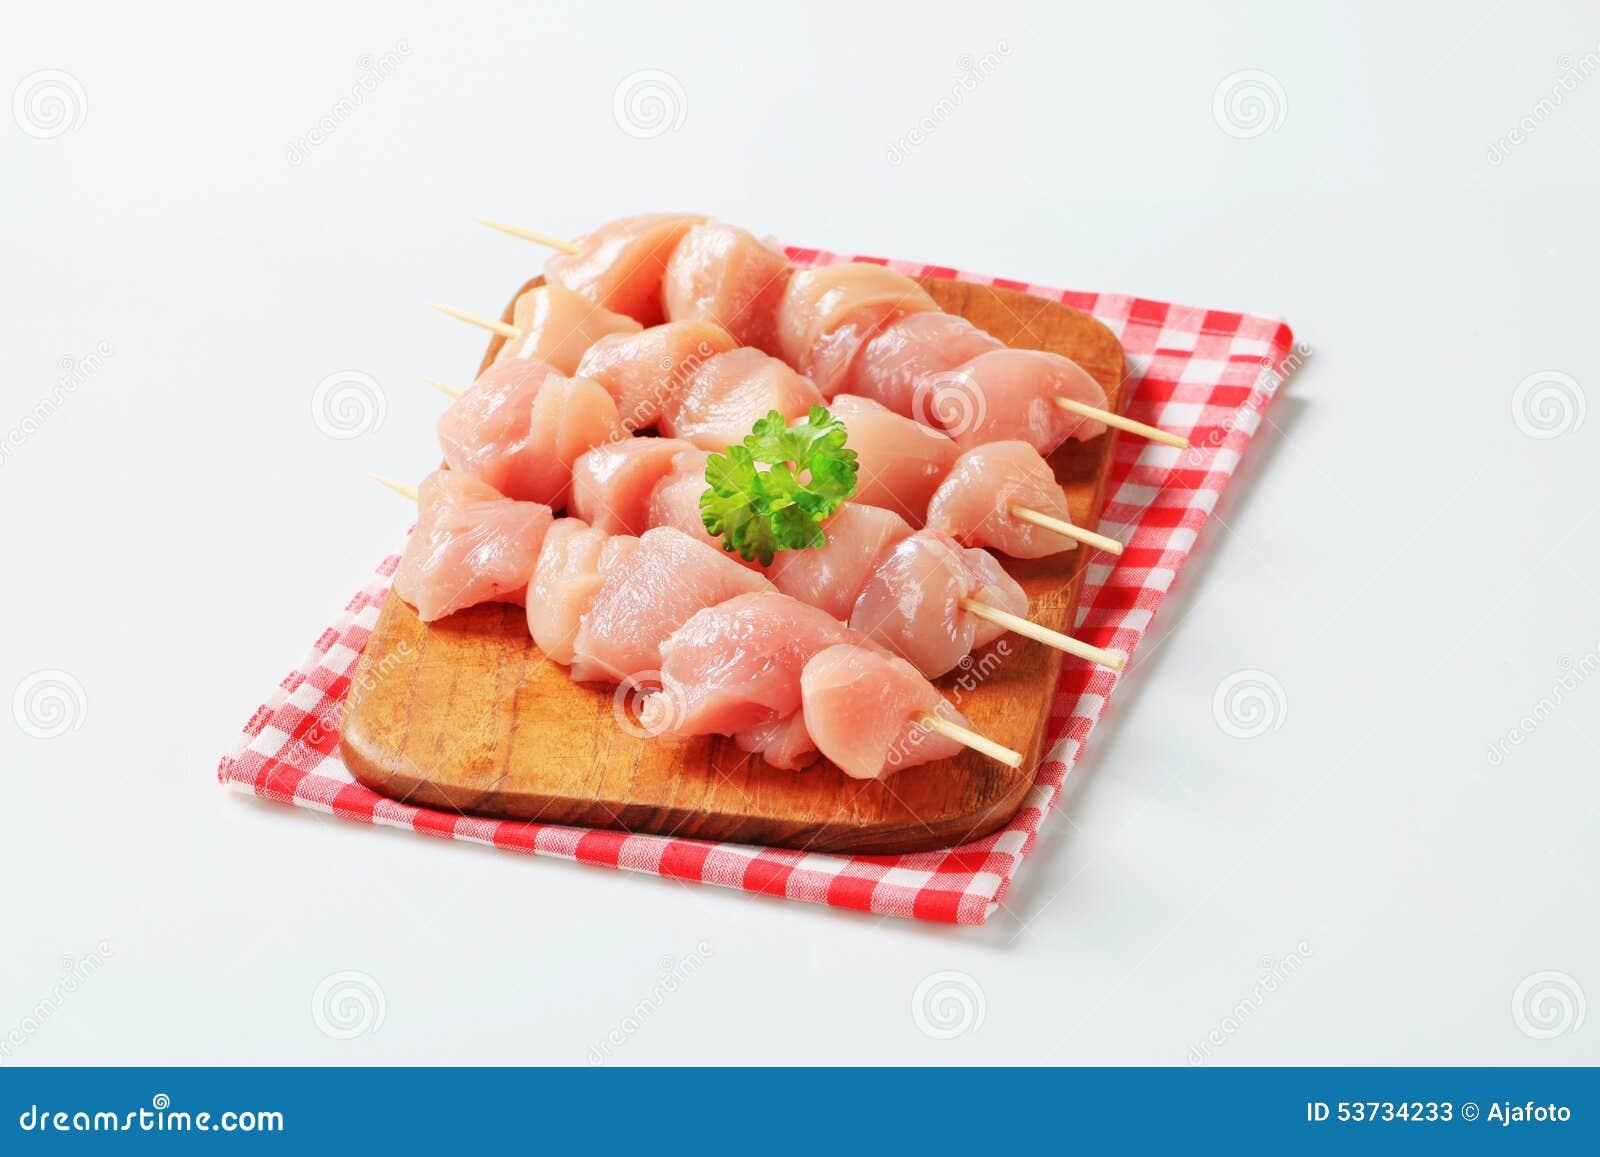 Fresh chicken skewers